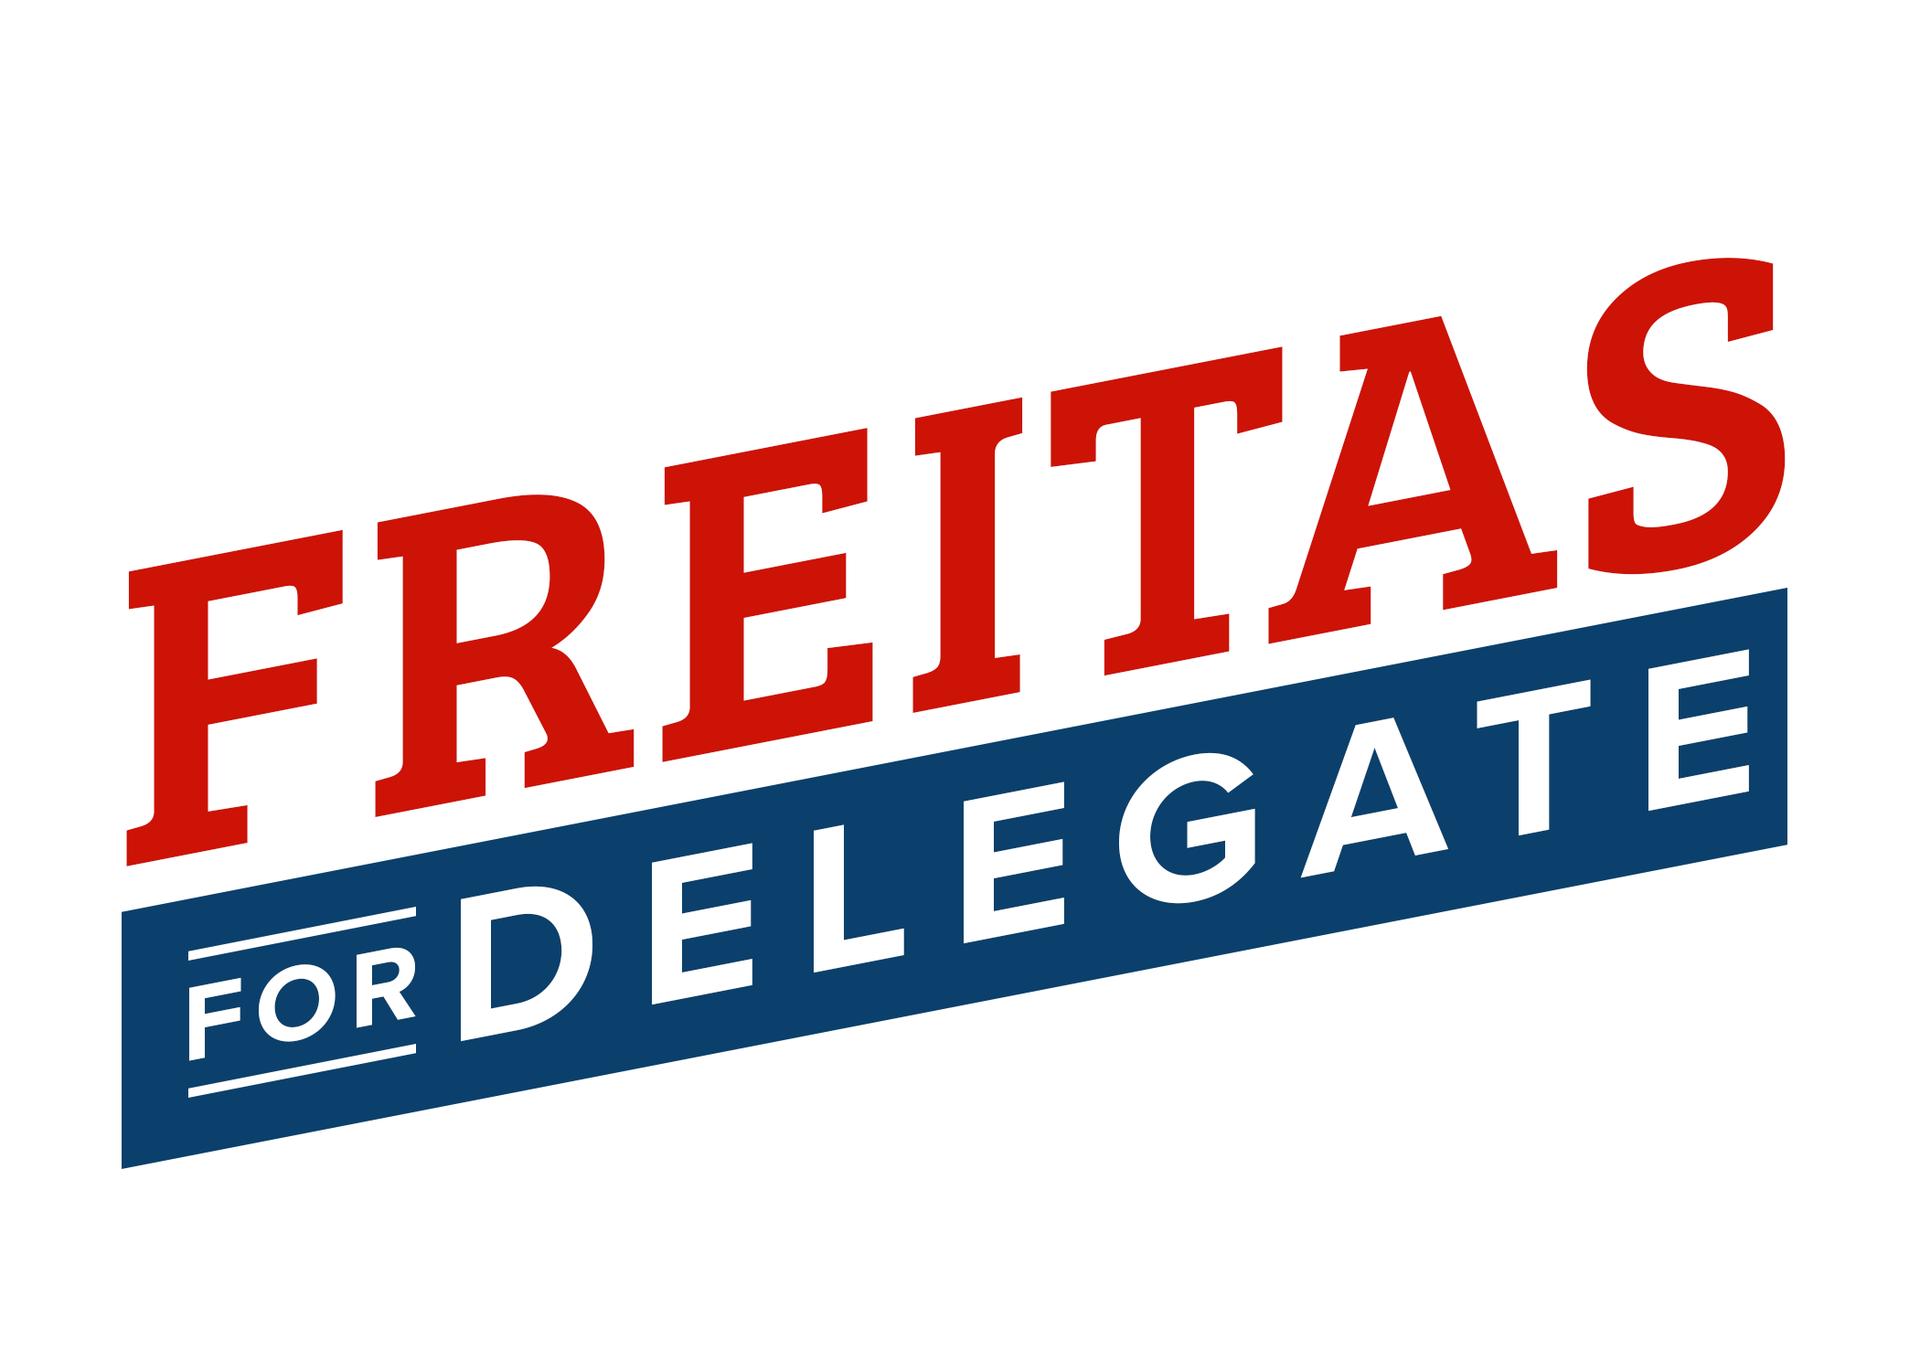 Freitas for delegate